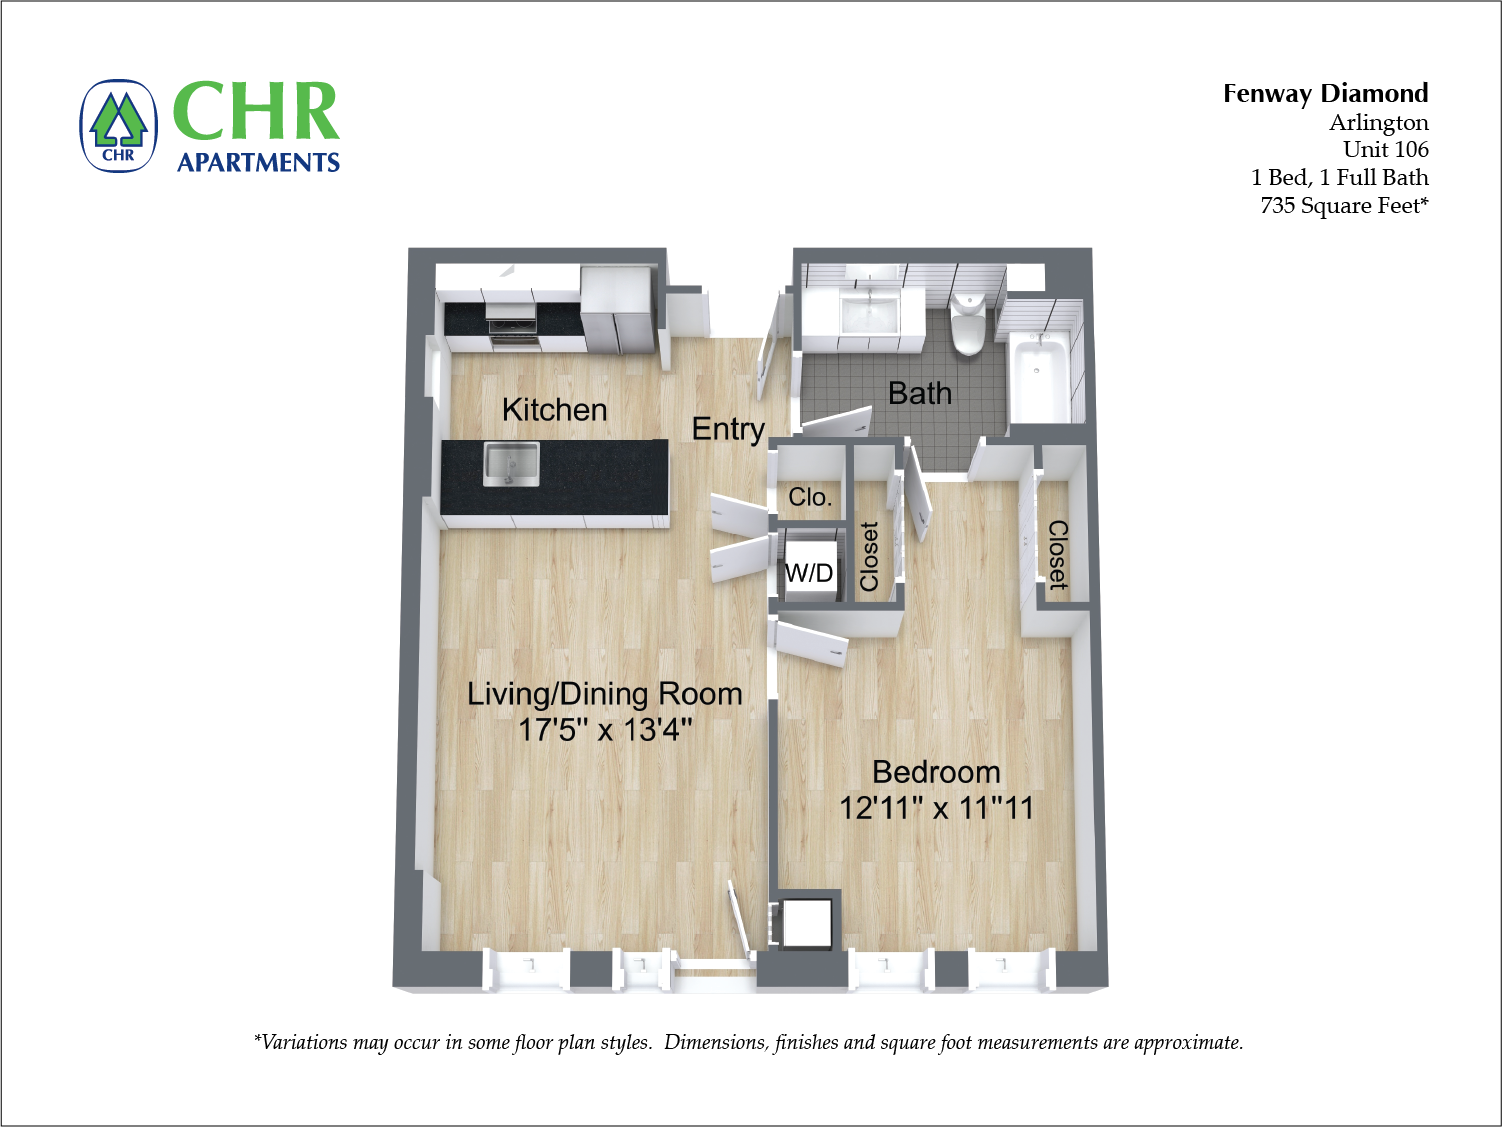 Floor plan 1 Bedroom with Open Floorplan image 5